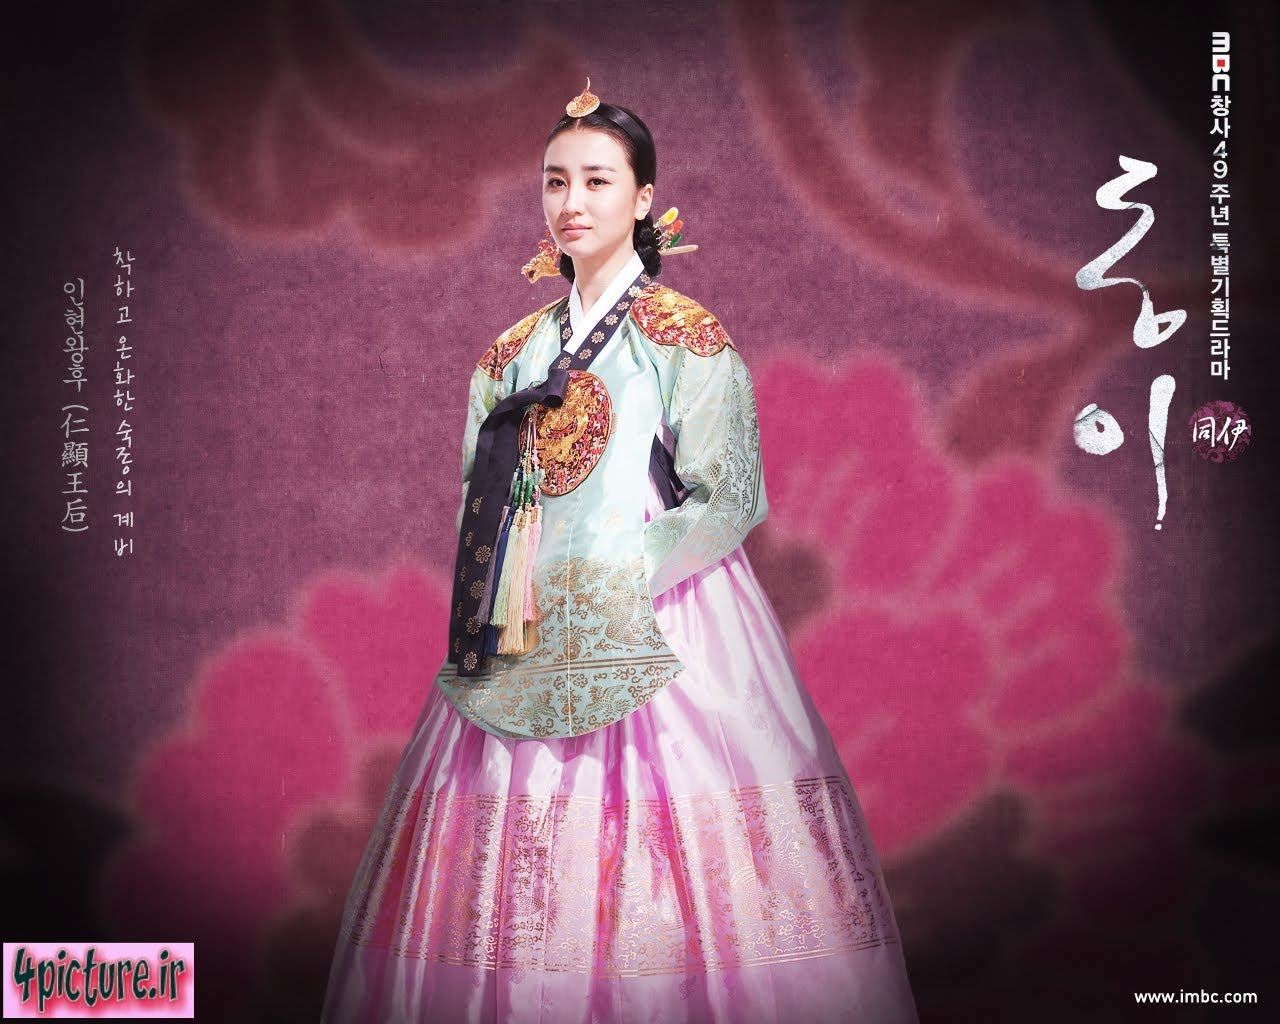 ملکه این هیون,عکس ملکه این هیون,پوستر ملکه این هیون,Park Ha-Sun,Wang Hu In Hyeon